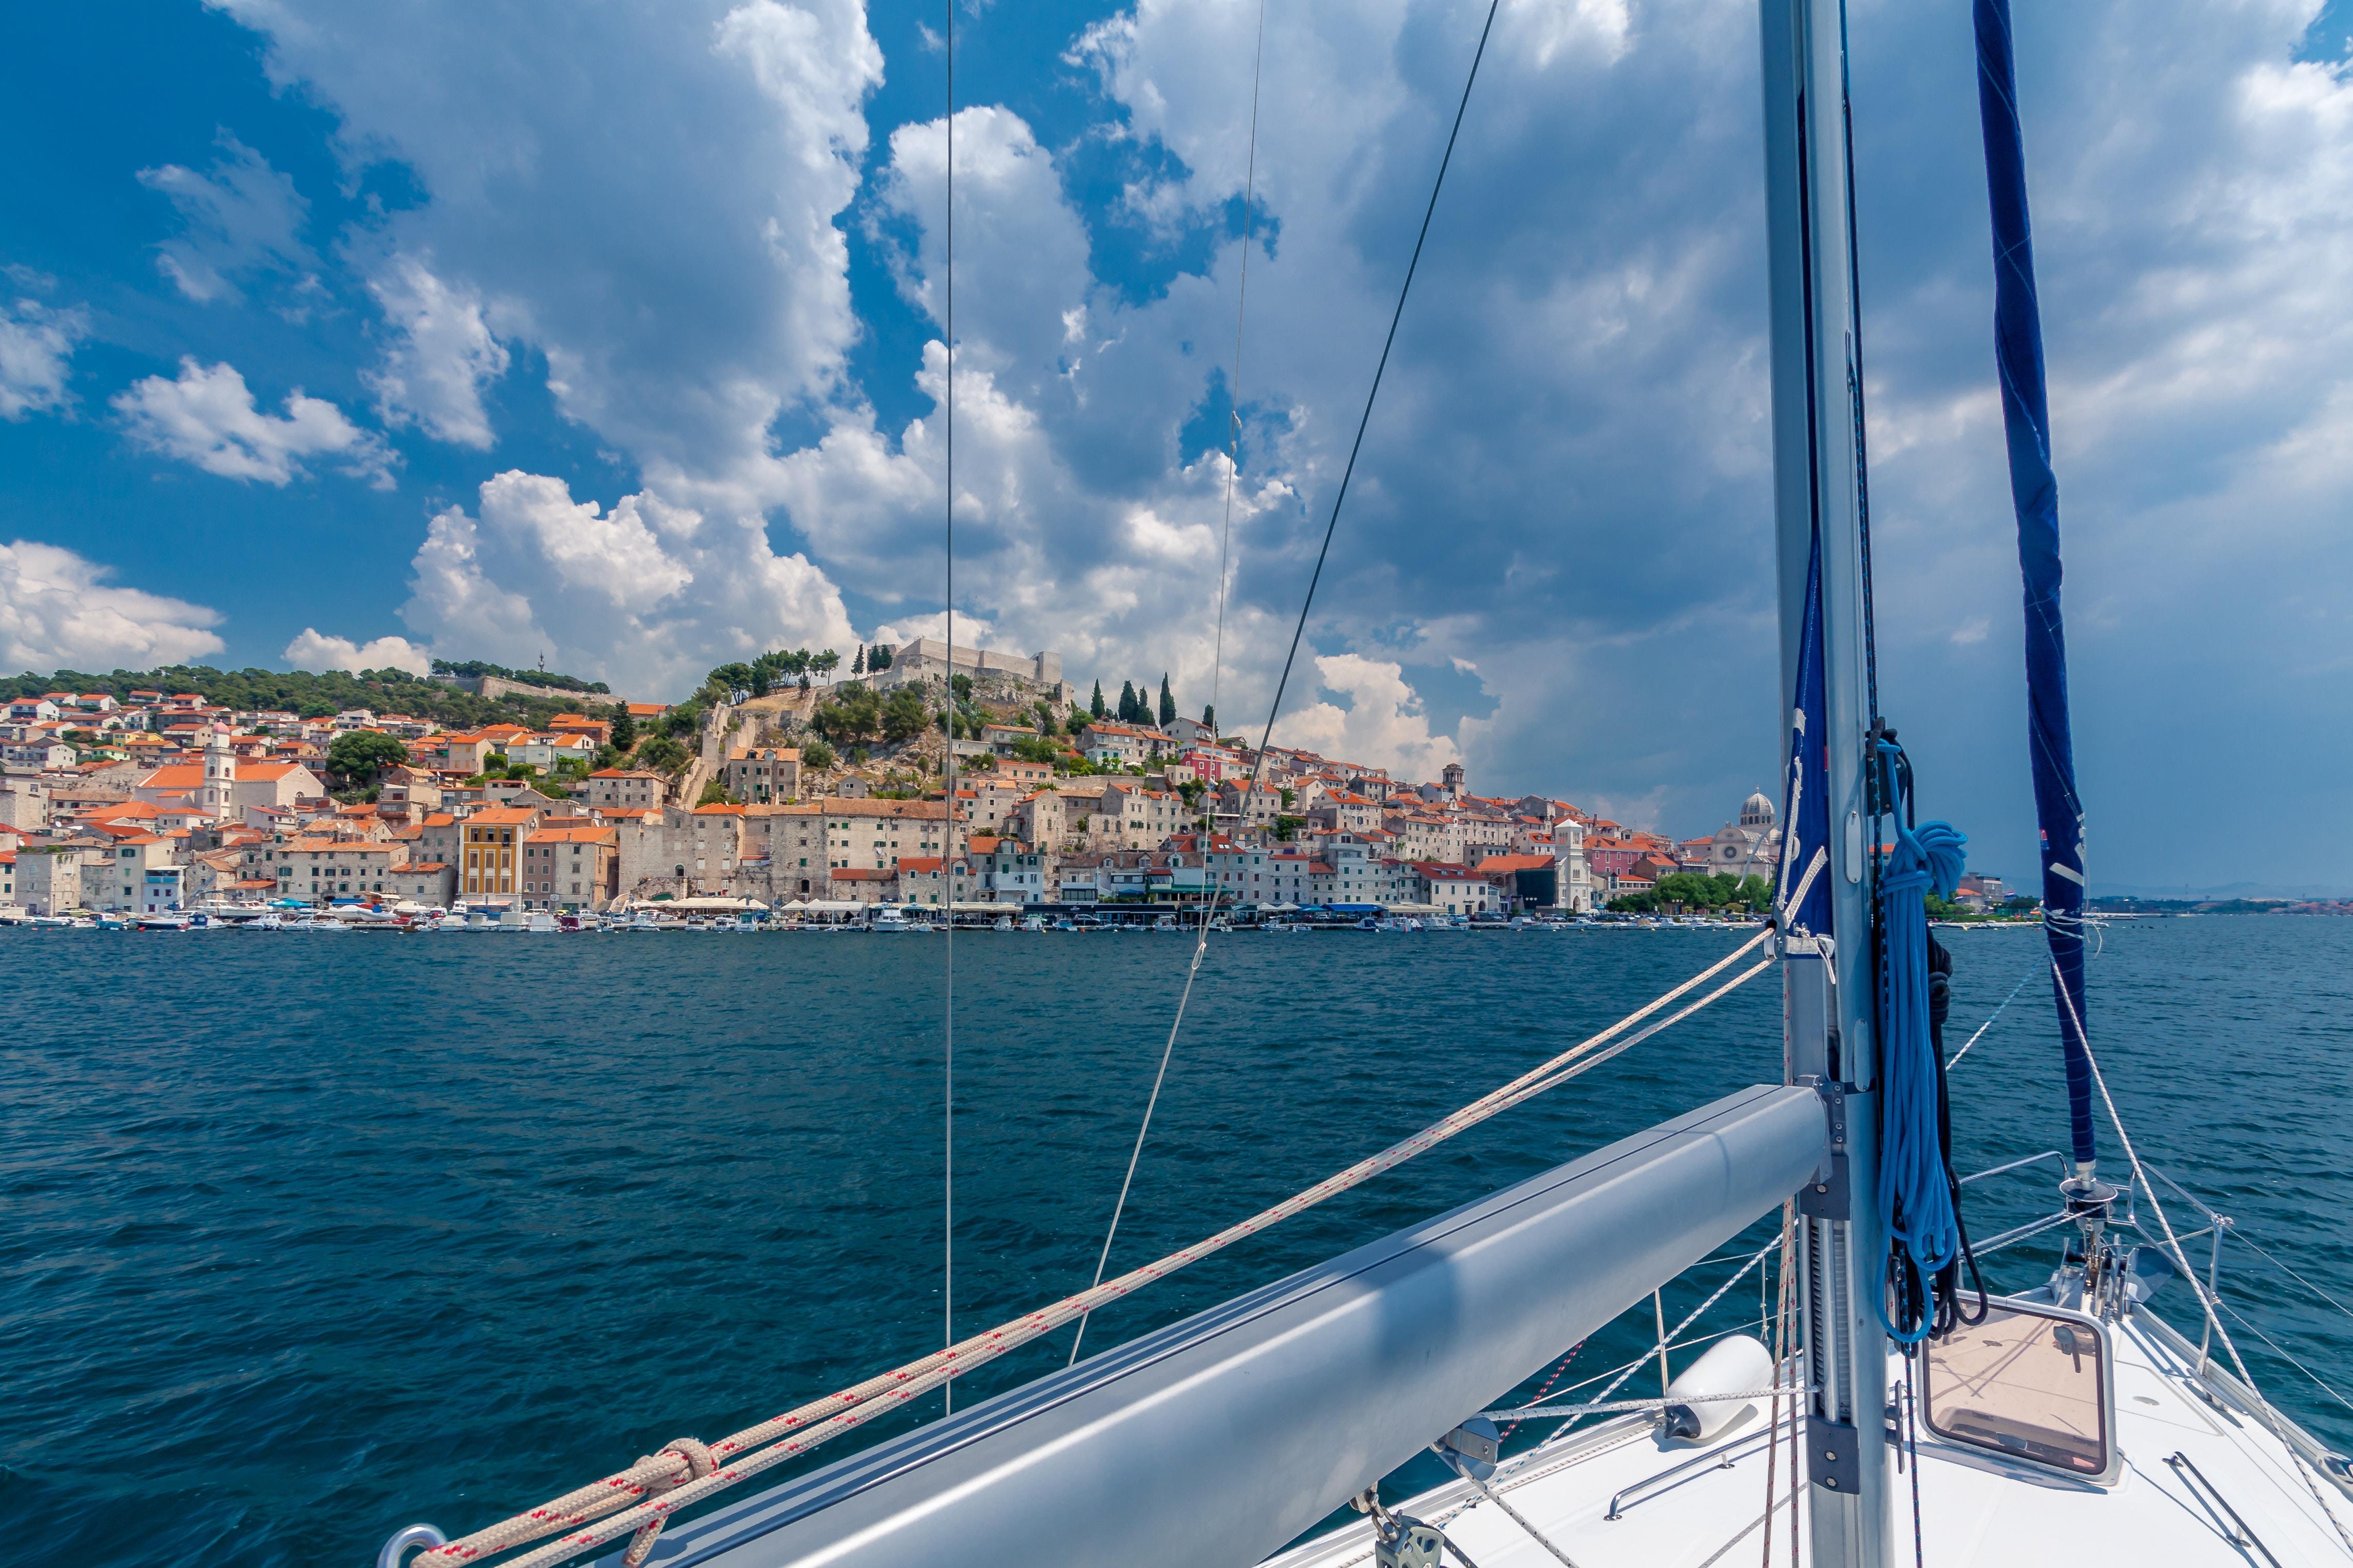 Découverte des îles croates, Dubrovnik et Split